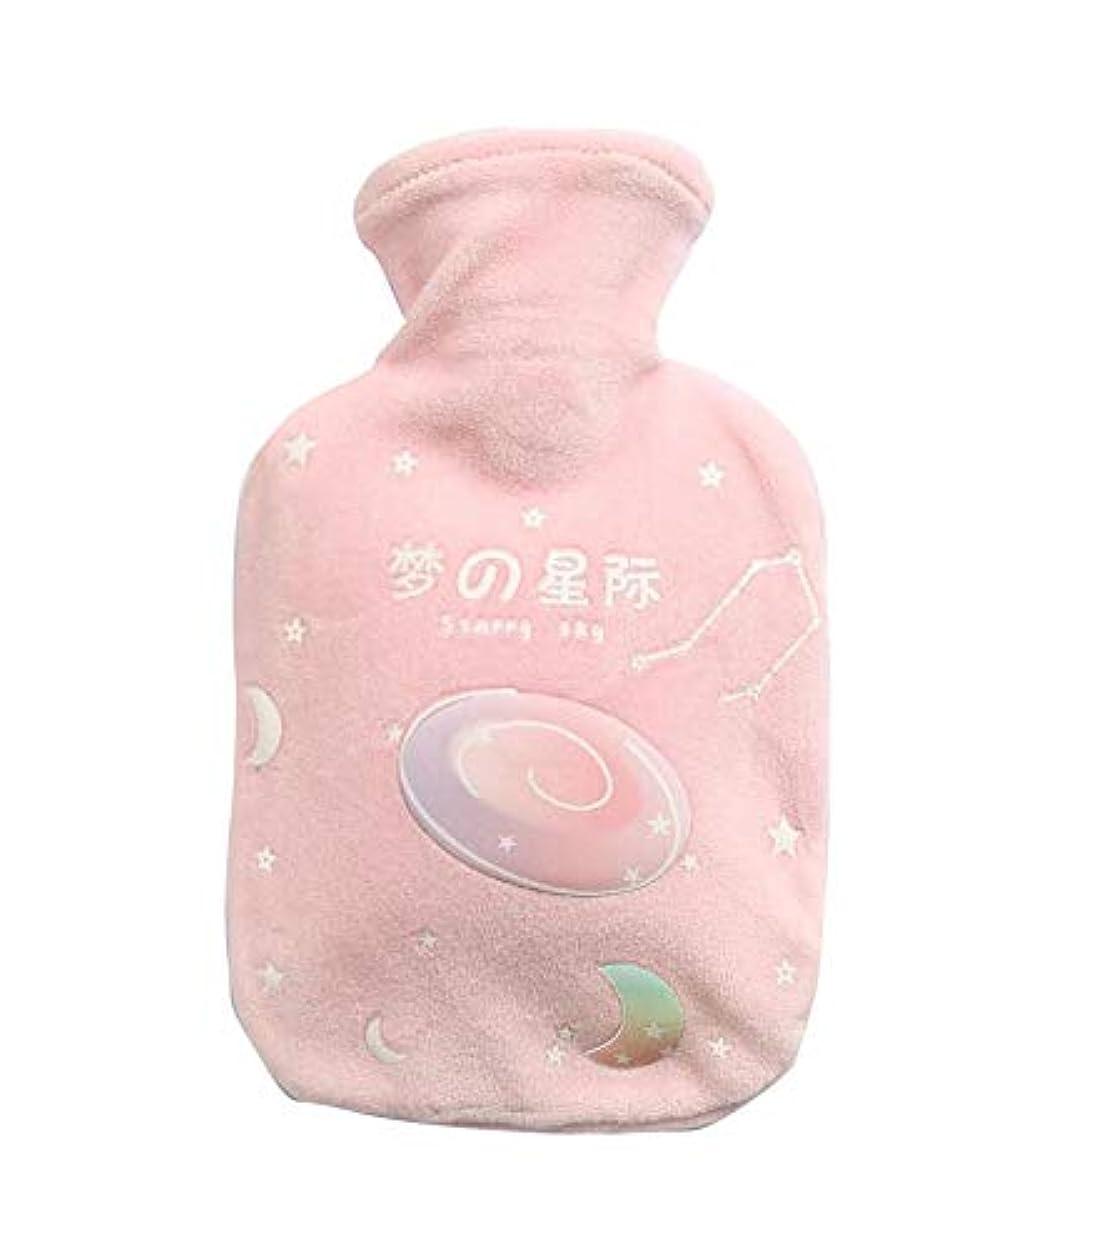 350 ML かわいいミニ湯たんぽ冬は暖かい湯たんぽを保つ A03